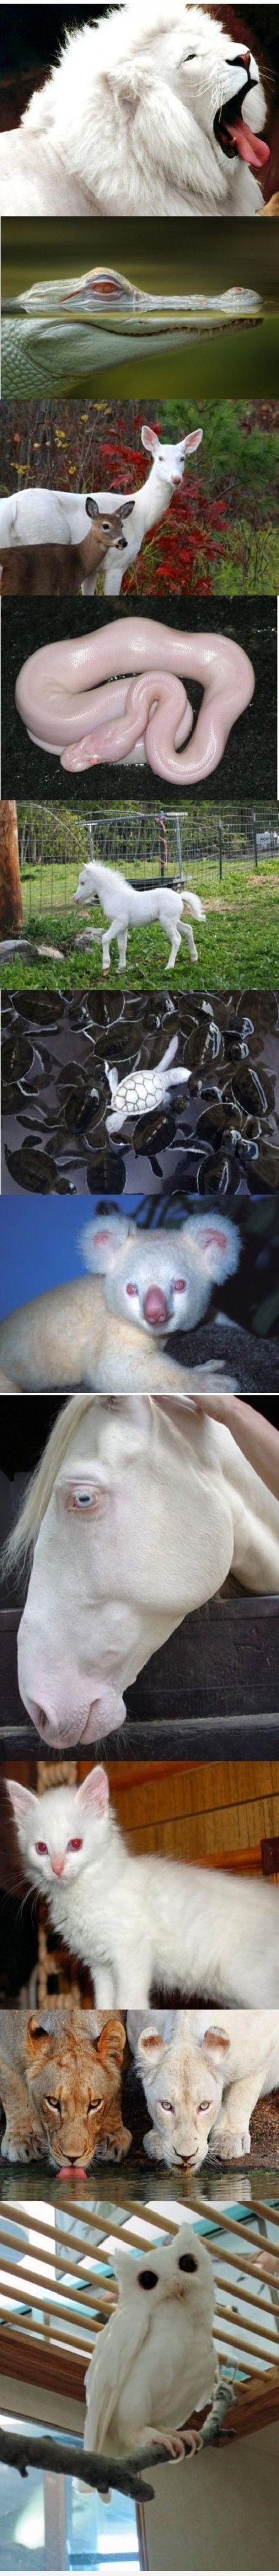 Albino Tiere. Ich kann irgendwie nicht damit umgehen, wie diese Schlange aussieht.   - Albinos - #Albino #Albinos #aussieht #damit #diese #ich #irgendwie #kann #Nicht #Schlange #Tiere #umgehen #Wie #albinoanimals